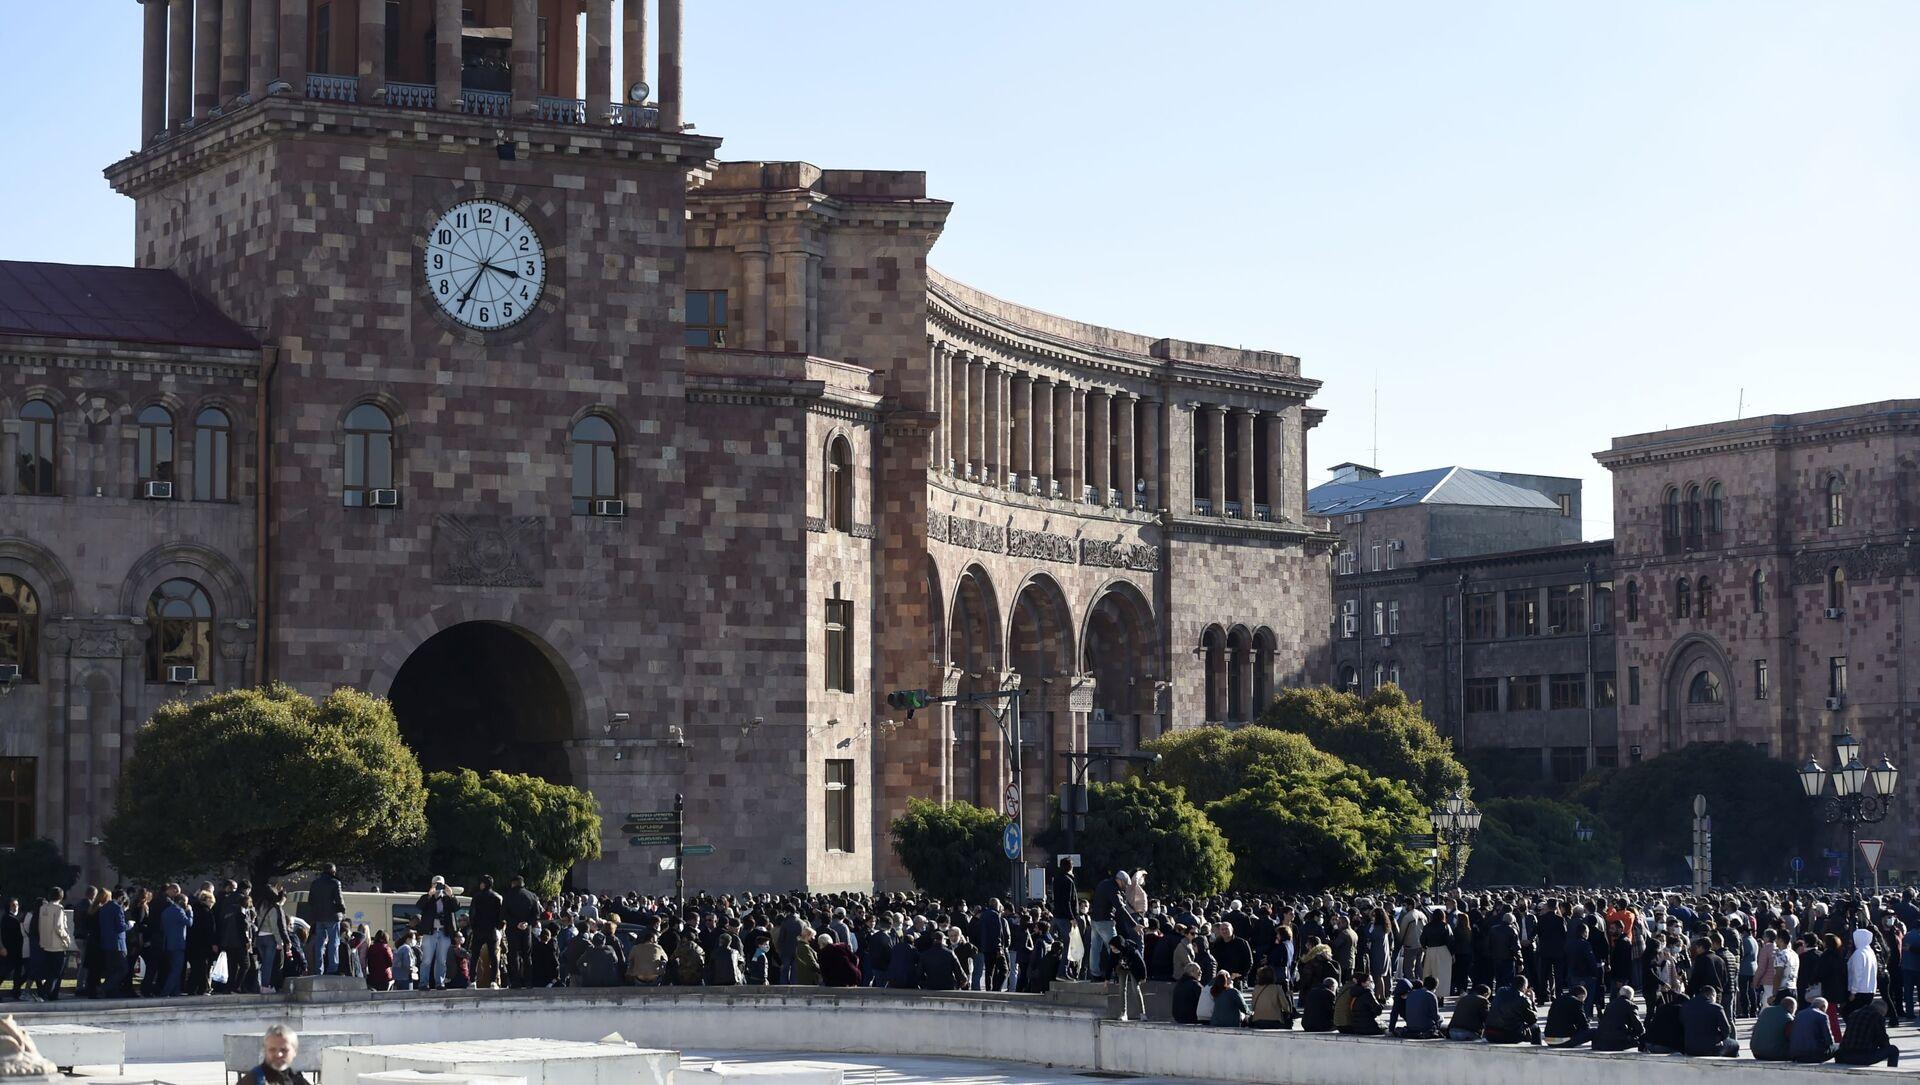 Ереван, Армения. Митинг оппозиции, архивное фото - Sputnik Грузия, 1920, 10.05.2021